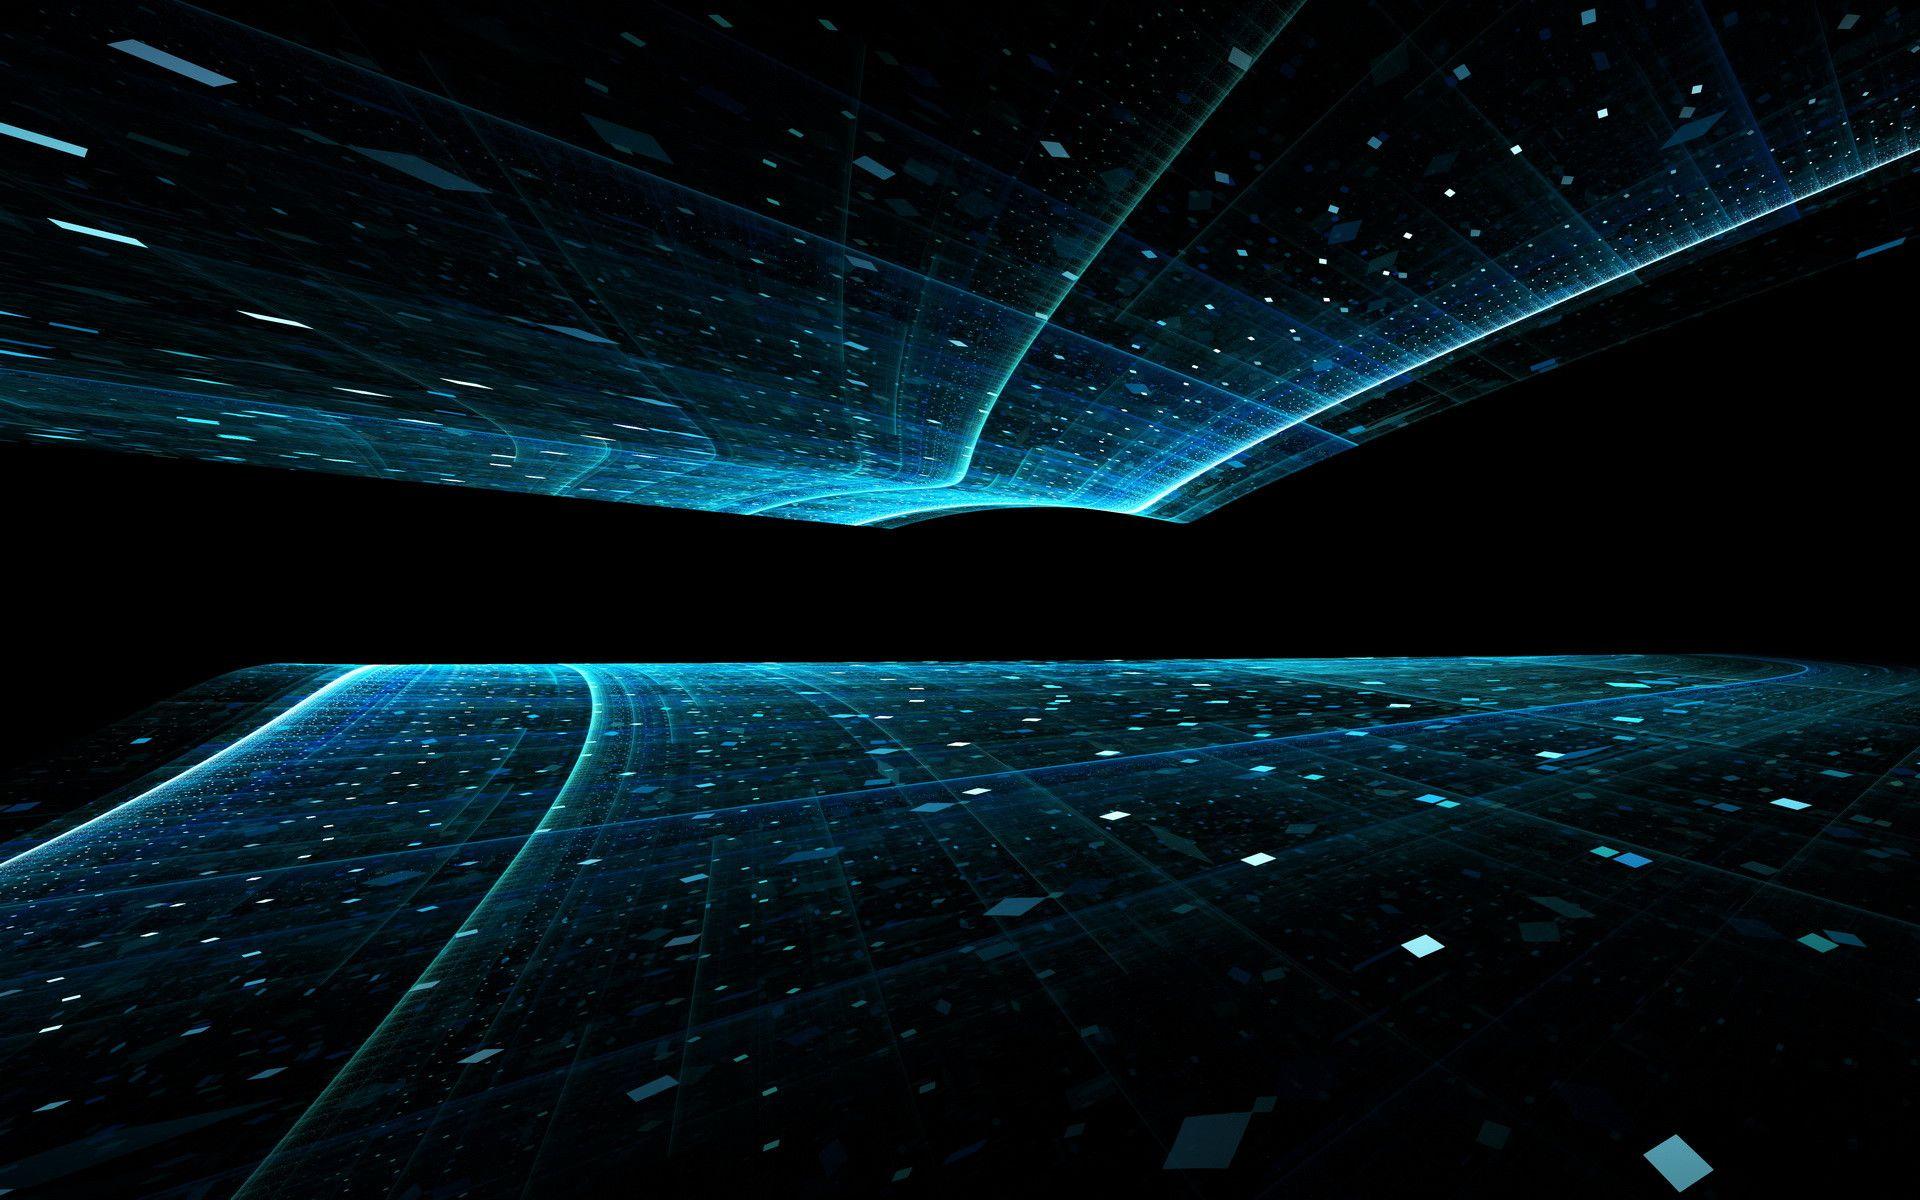 Cool Computer Wallpaper Background 29817VX   Picseriocom 1920x1200